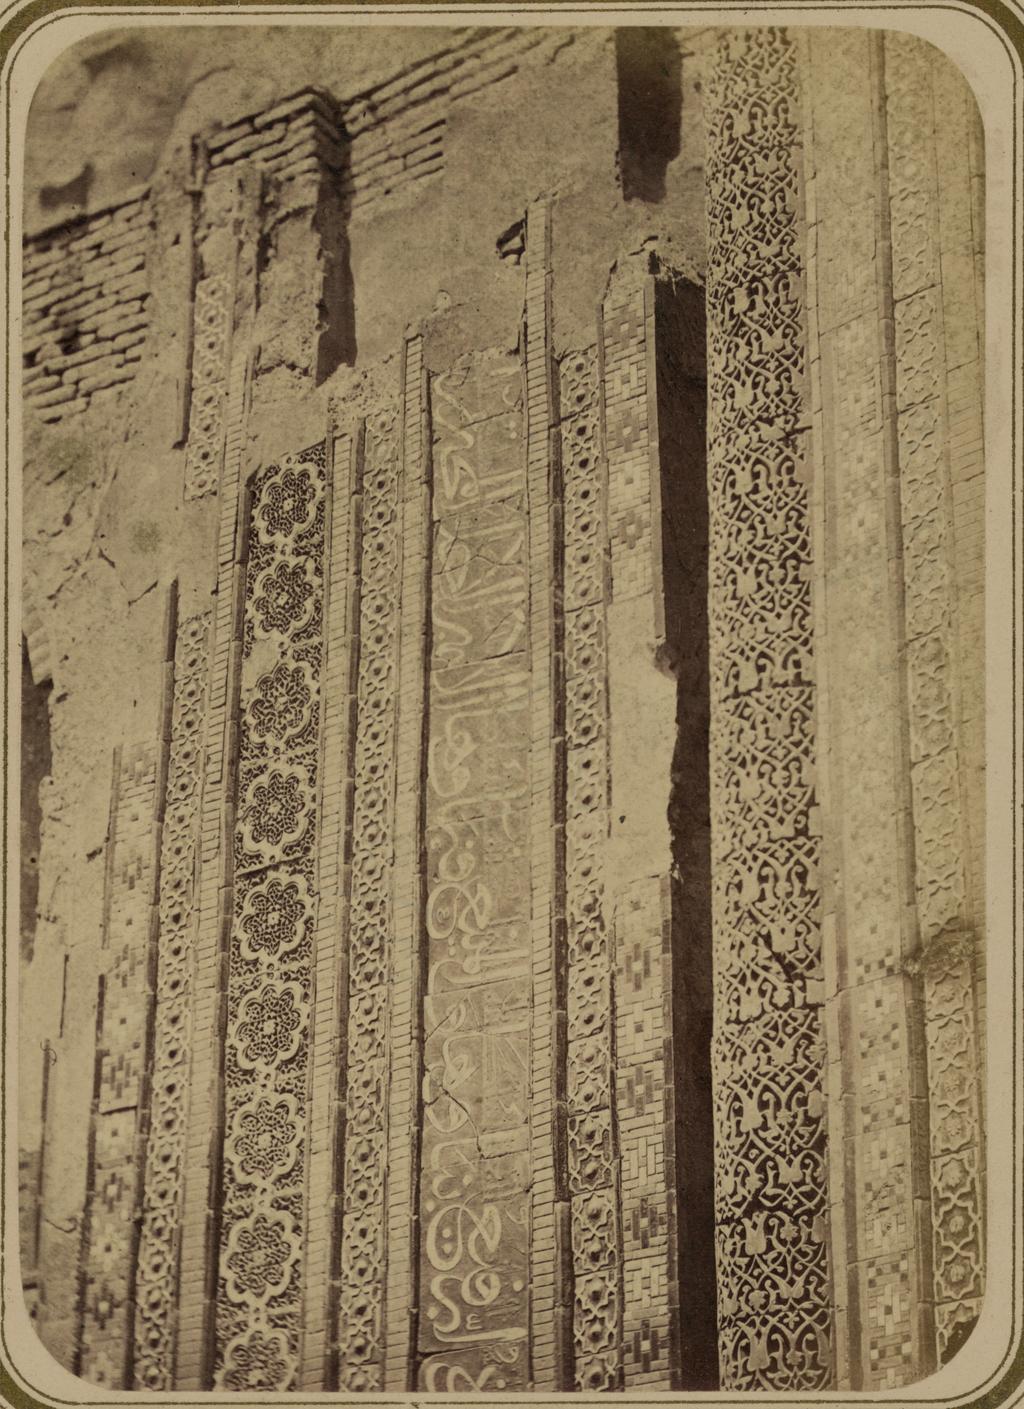 Мавзолей эмира Хуссейна. Надпись на правой половине фасада. Верхняя часть